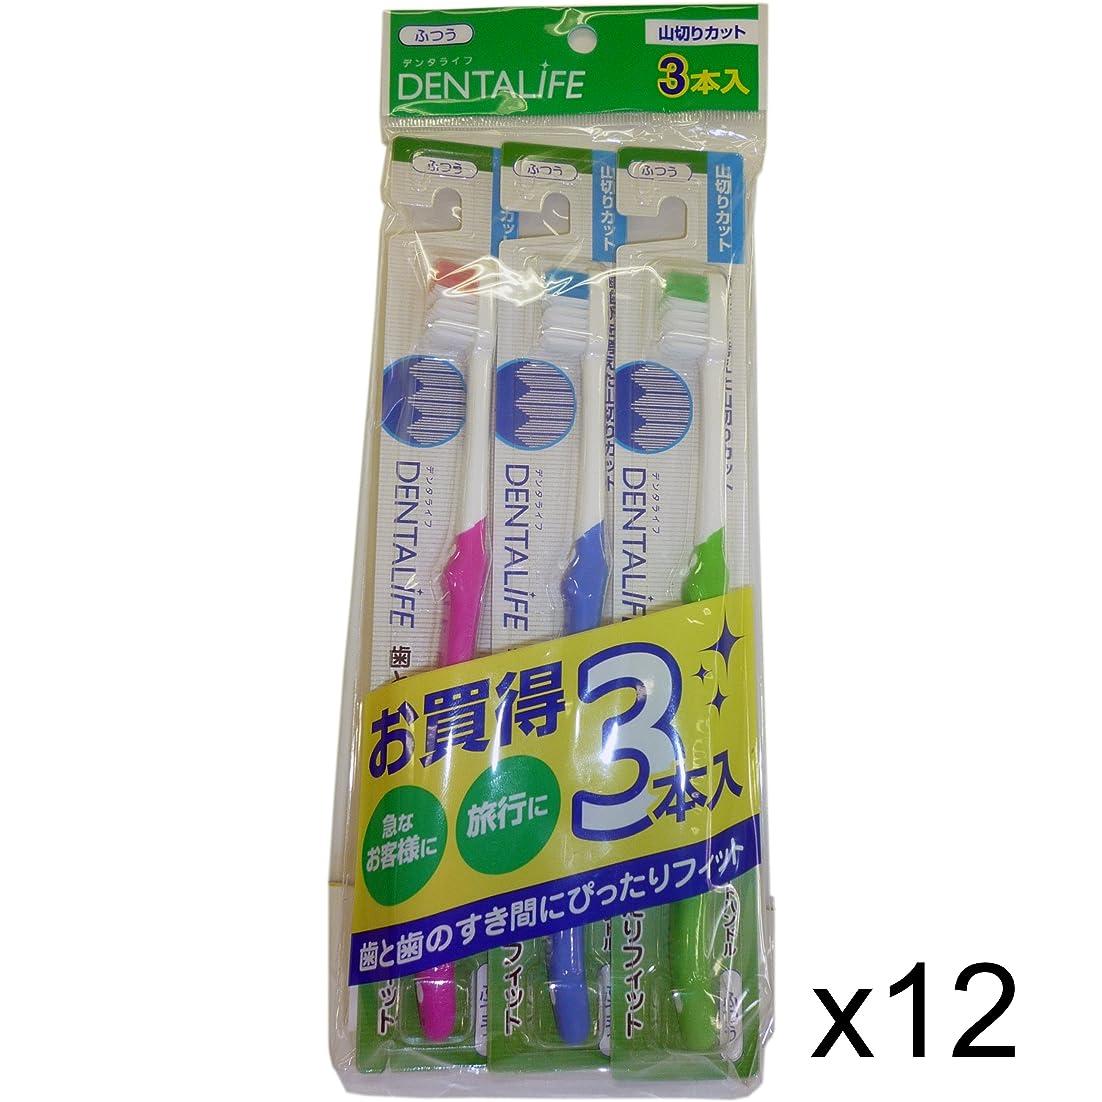 残忍な検証織機お徳用 DELTALIFE(デンタライフ)山切り歯ブラシ ふつう 3P×12ヶセット(36本)